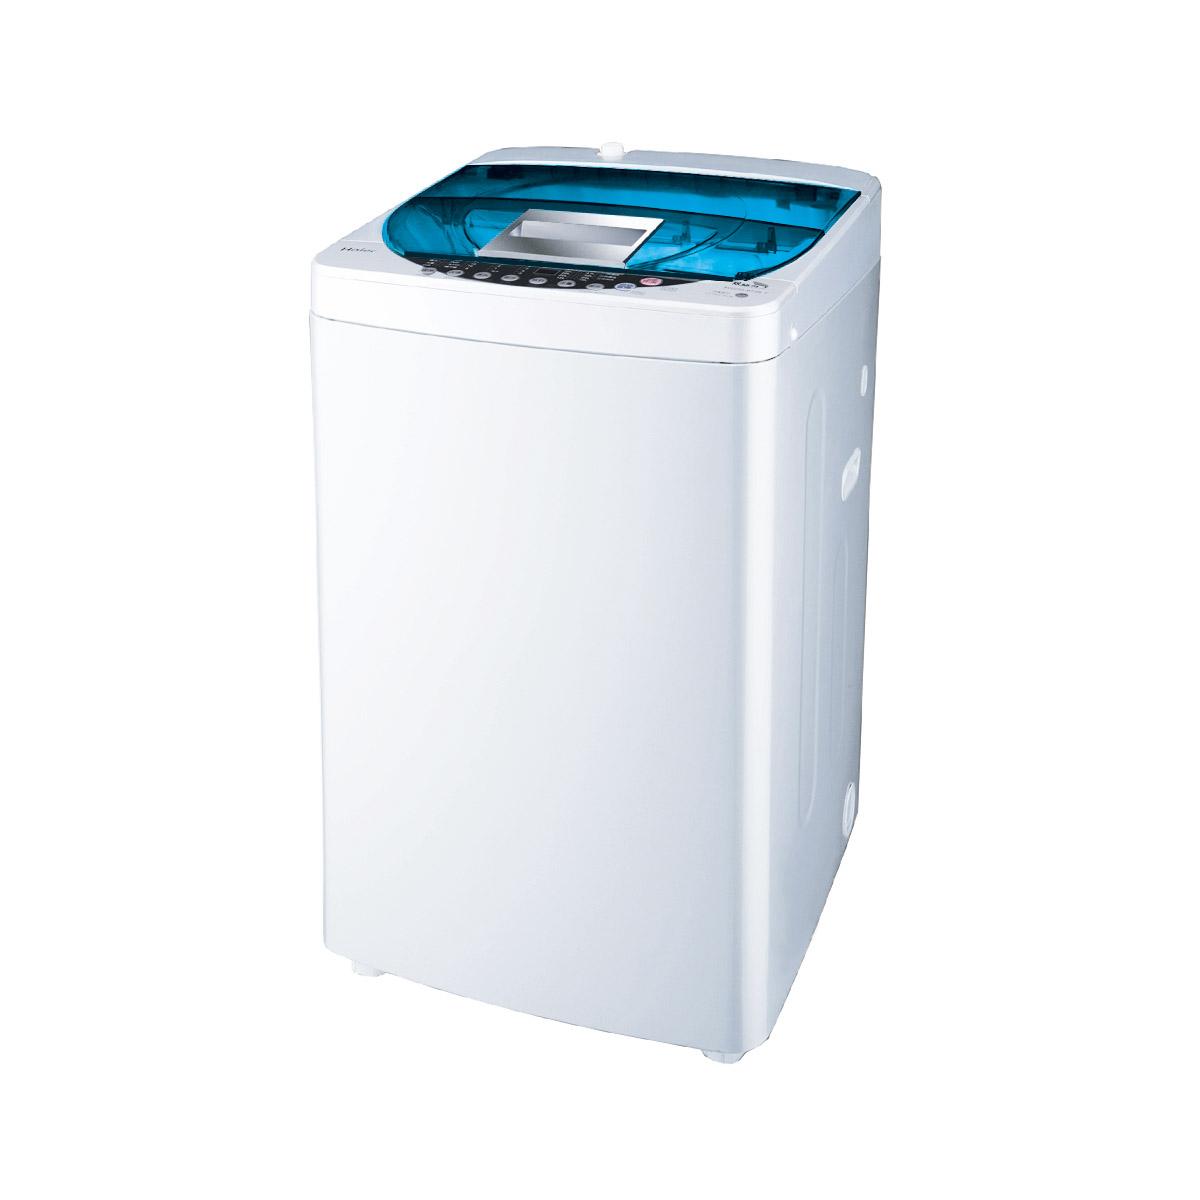 haier washing machine customer service